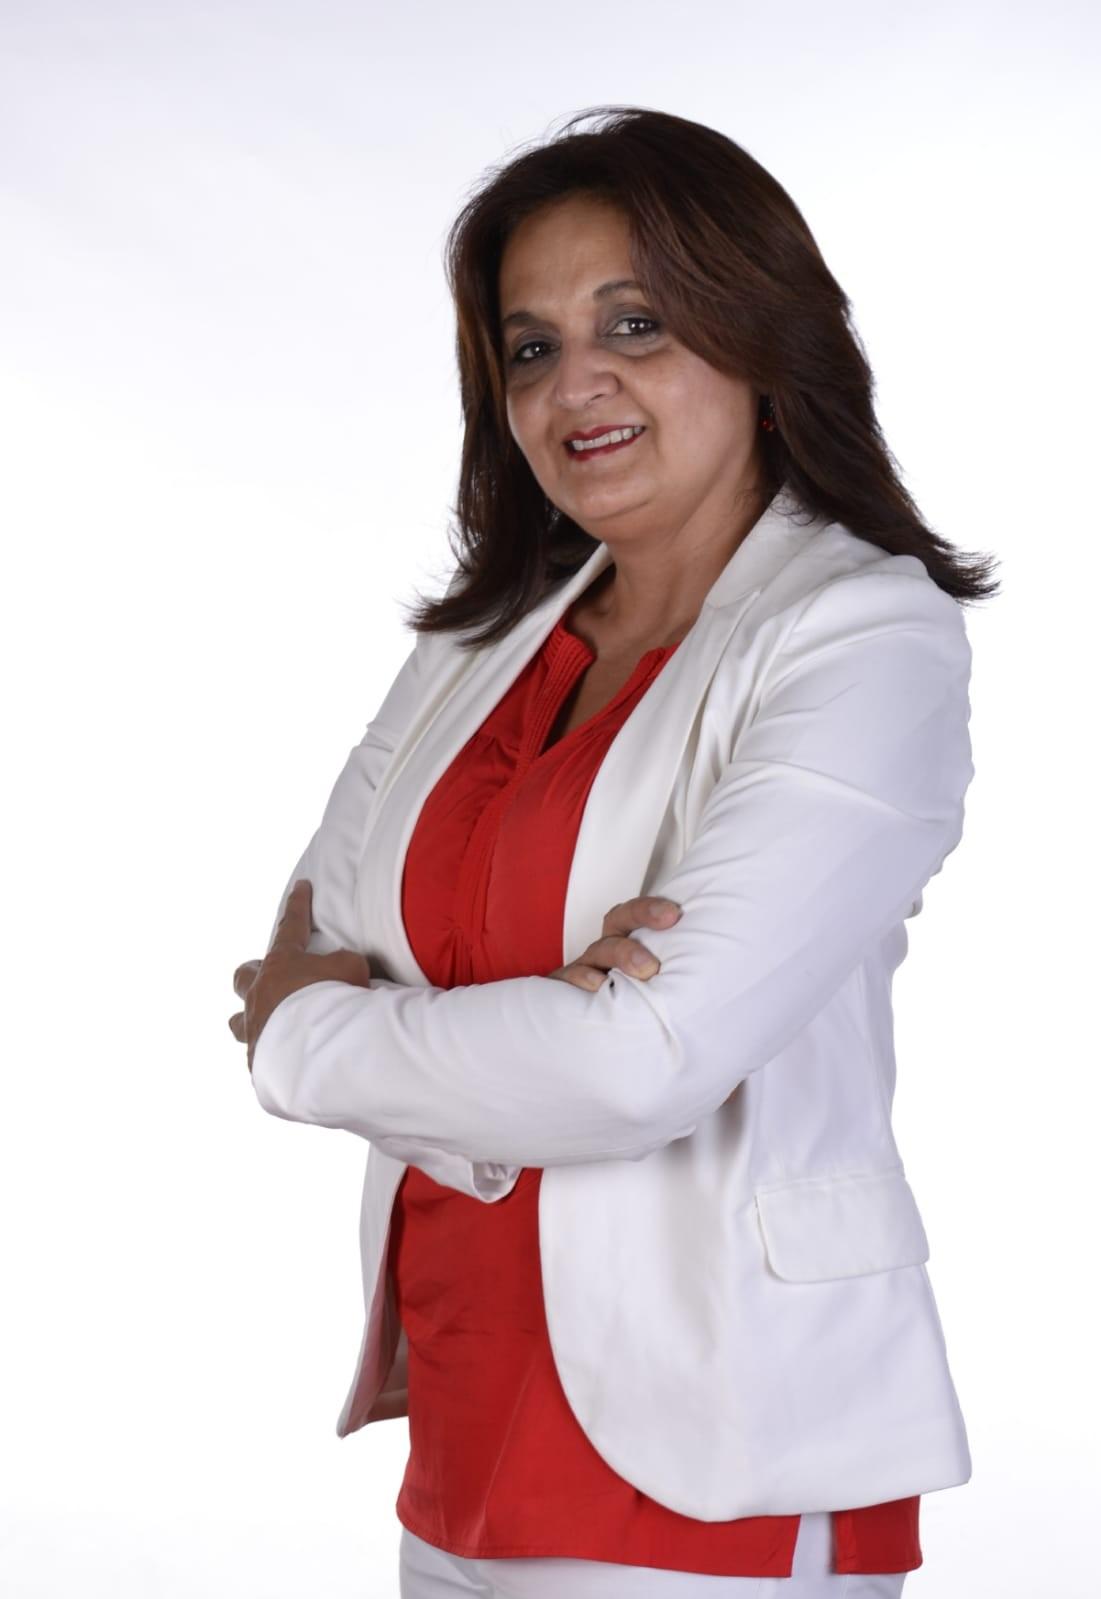 Rosa Coronel Roche